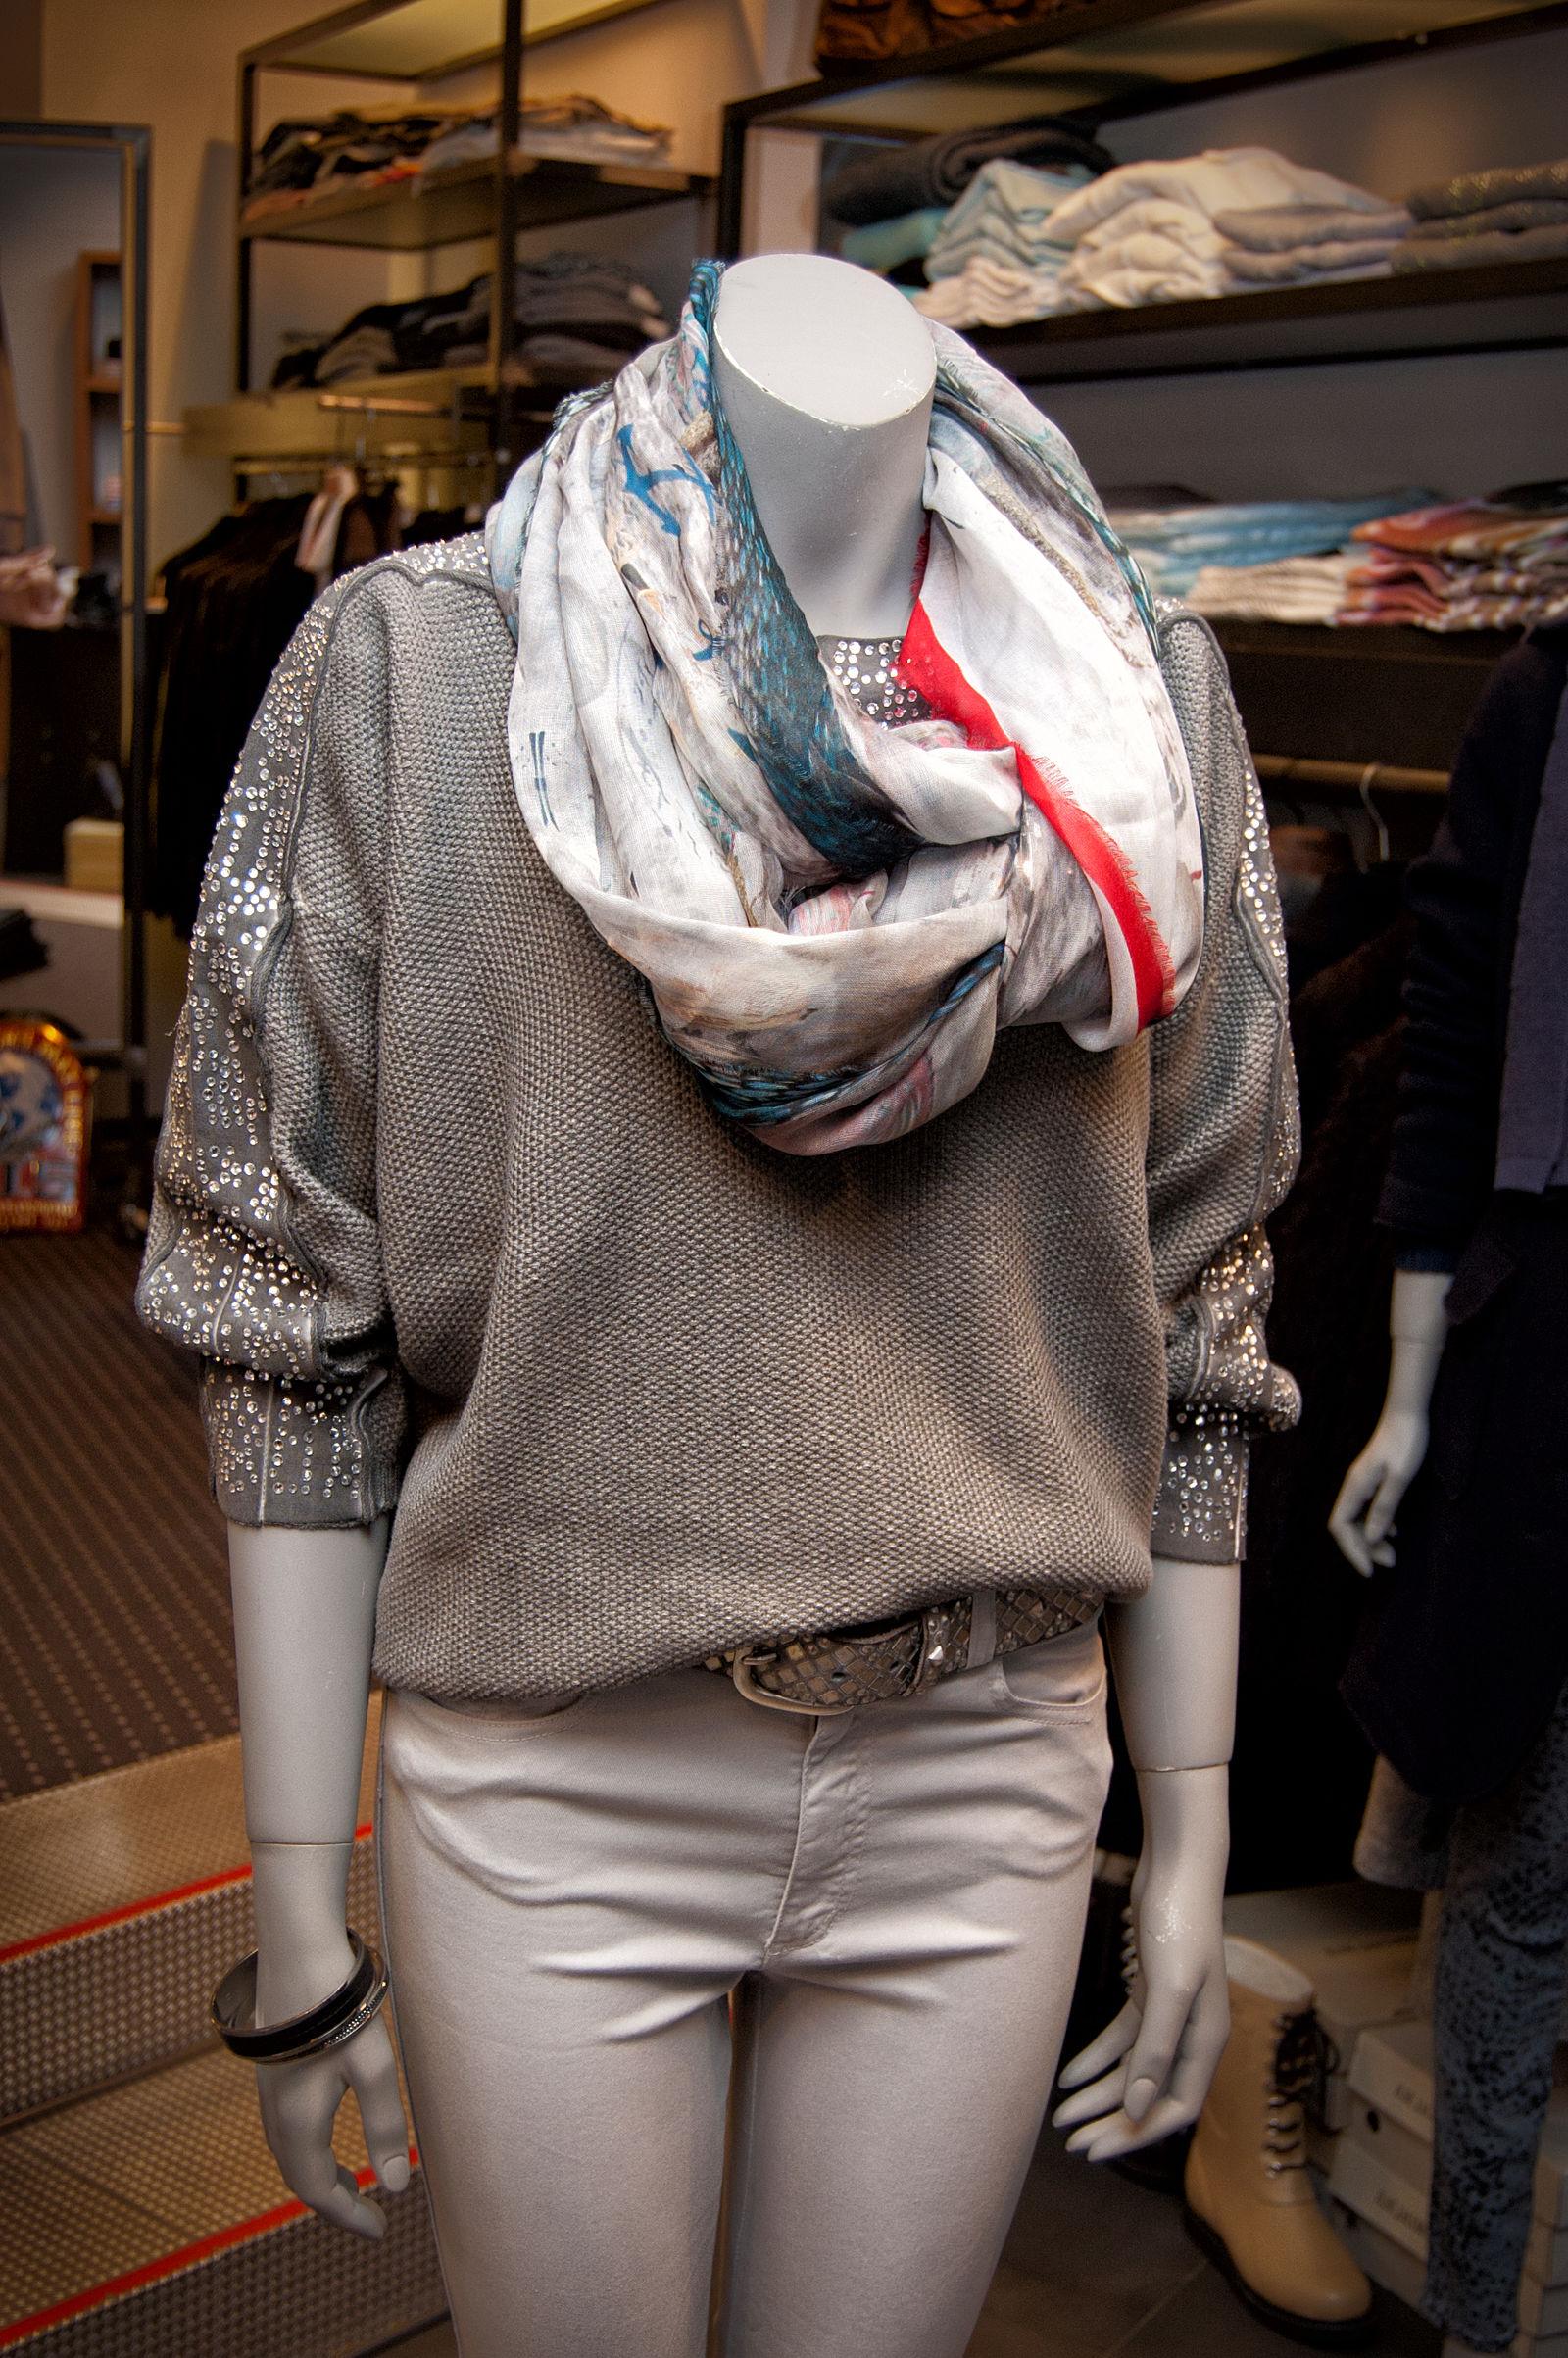 MÖllER Womenswear - Menswear in Kempen (Bild 8)